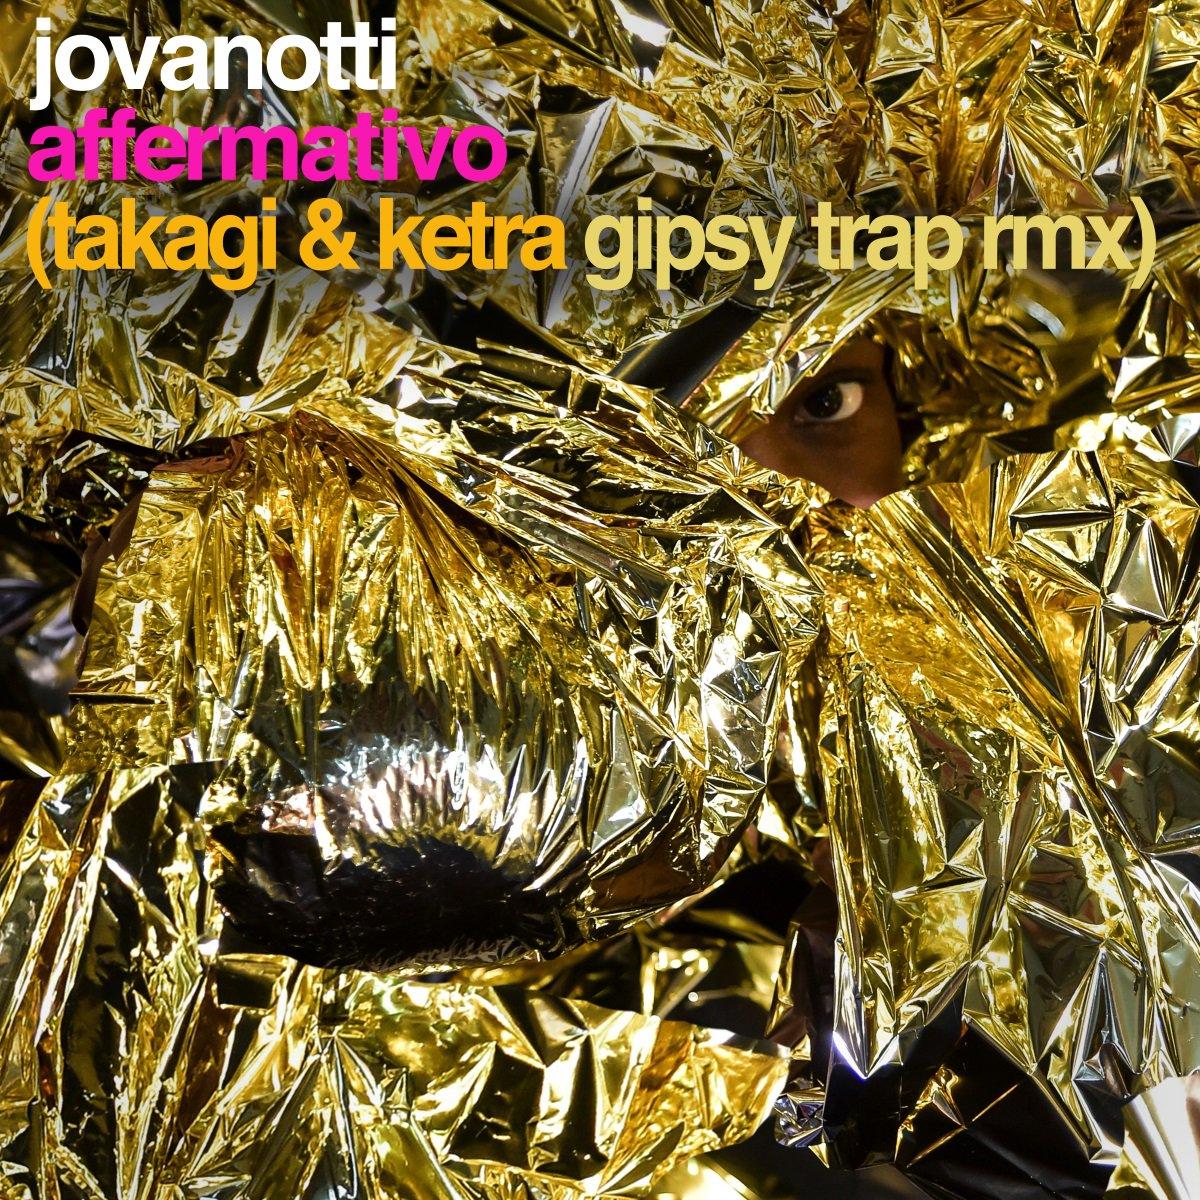 Il nuovo singolo di @LorenzoJova #Affermativo entra in top 💯 classifica parziale #airplay